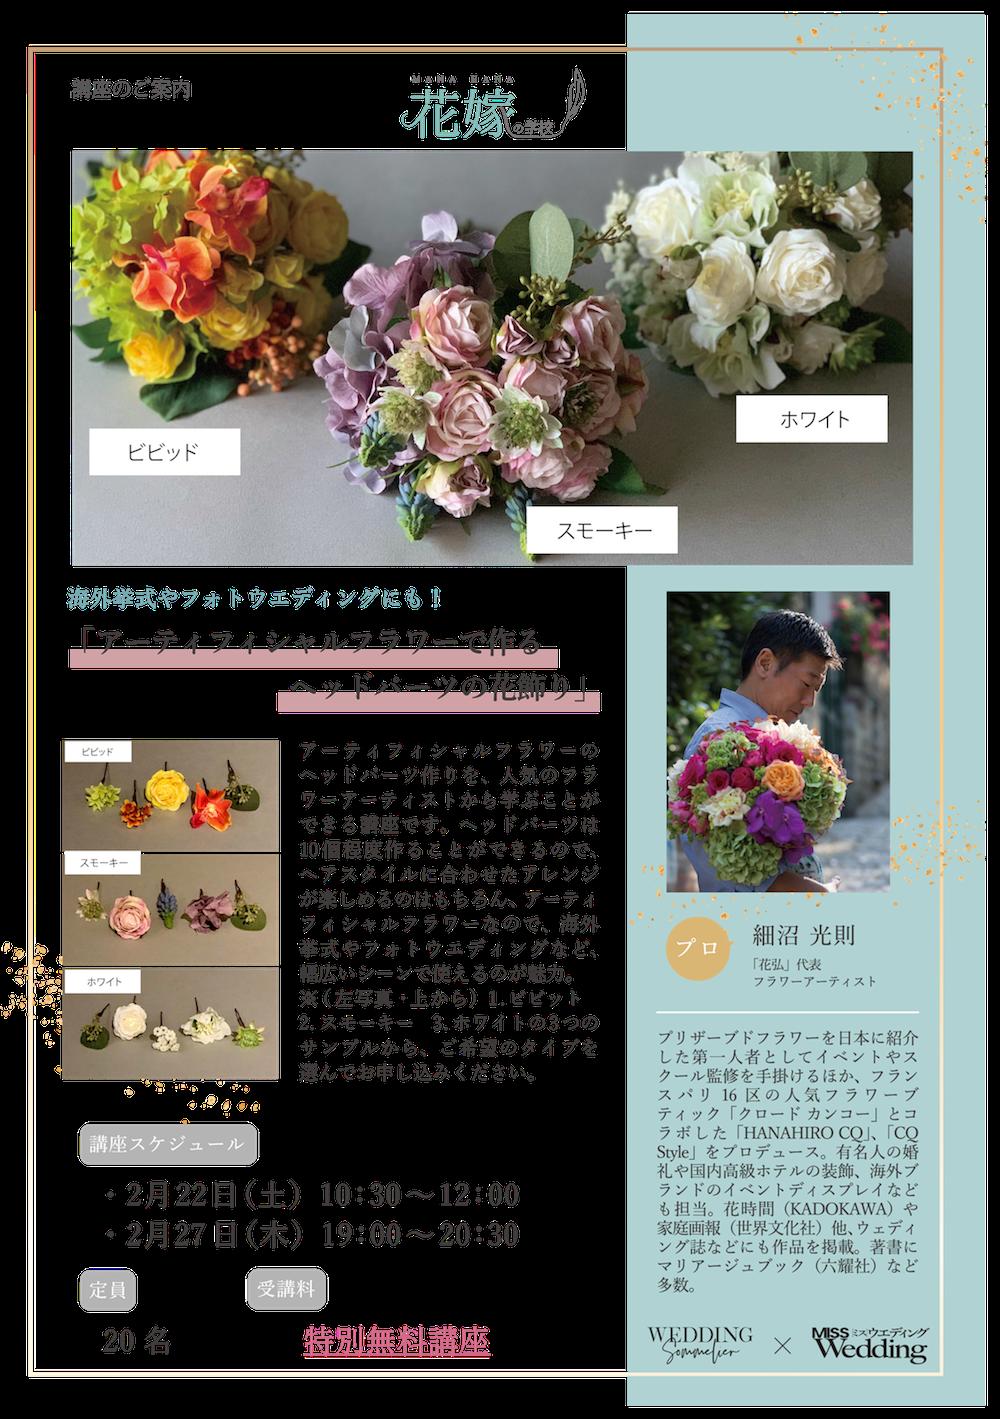 ヘッドパーツの花飾り